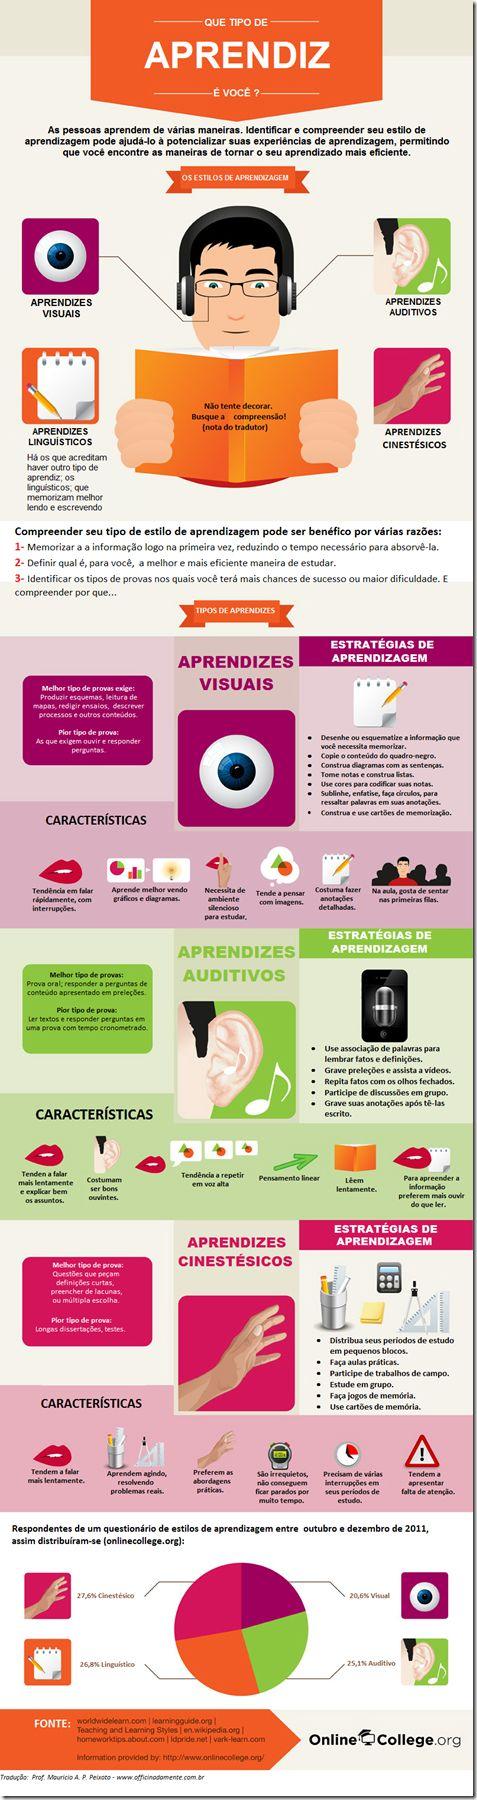 Infográficos são formas visuais de sintetizar informação. Aprenda um pouco mais sobre estilos de aprendizagem. E, de quebra, talvez você descubra qual o seu estilo. PS: Obrigado Cintia, pela dica! …